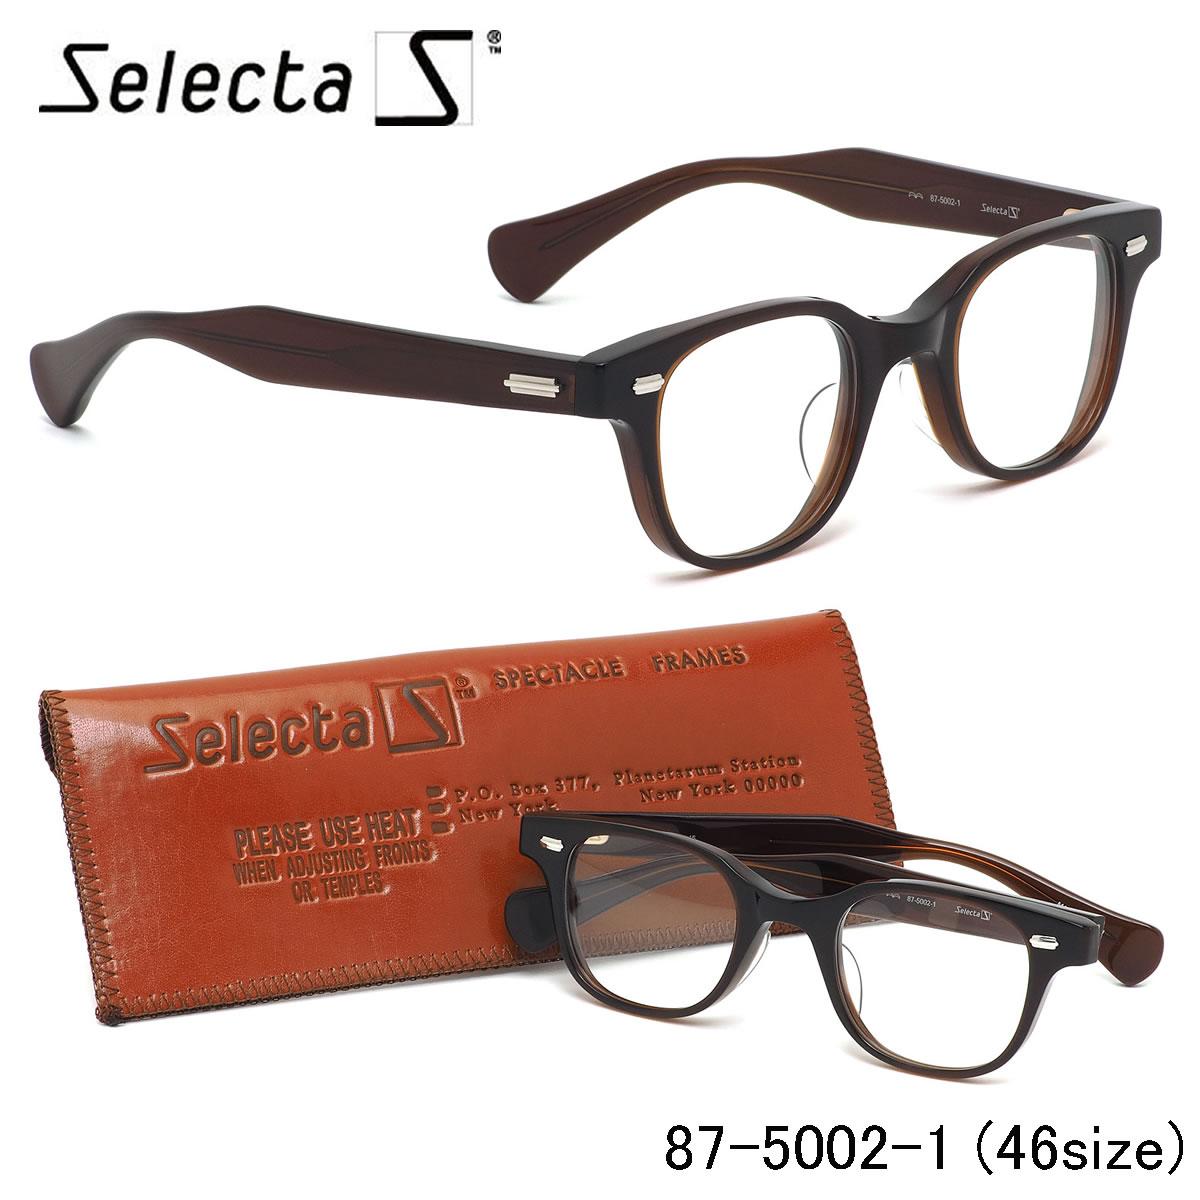 セレクタ selecta メガネ 87-5002 1 46サイズ ウェリントン クラシック ヴィンテージ レトロ 茶色 近視 乱視 遠視 老眼 伊達メガネレンズ無料 メンズ レディース